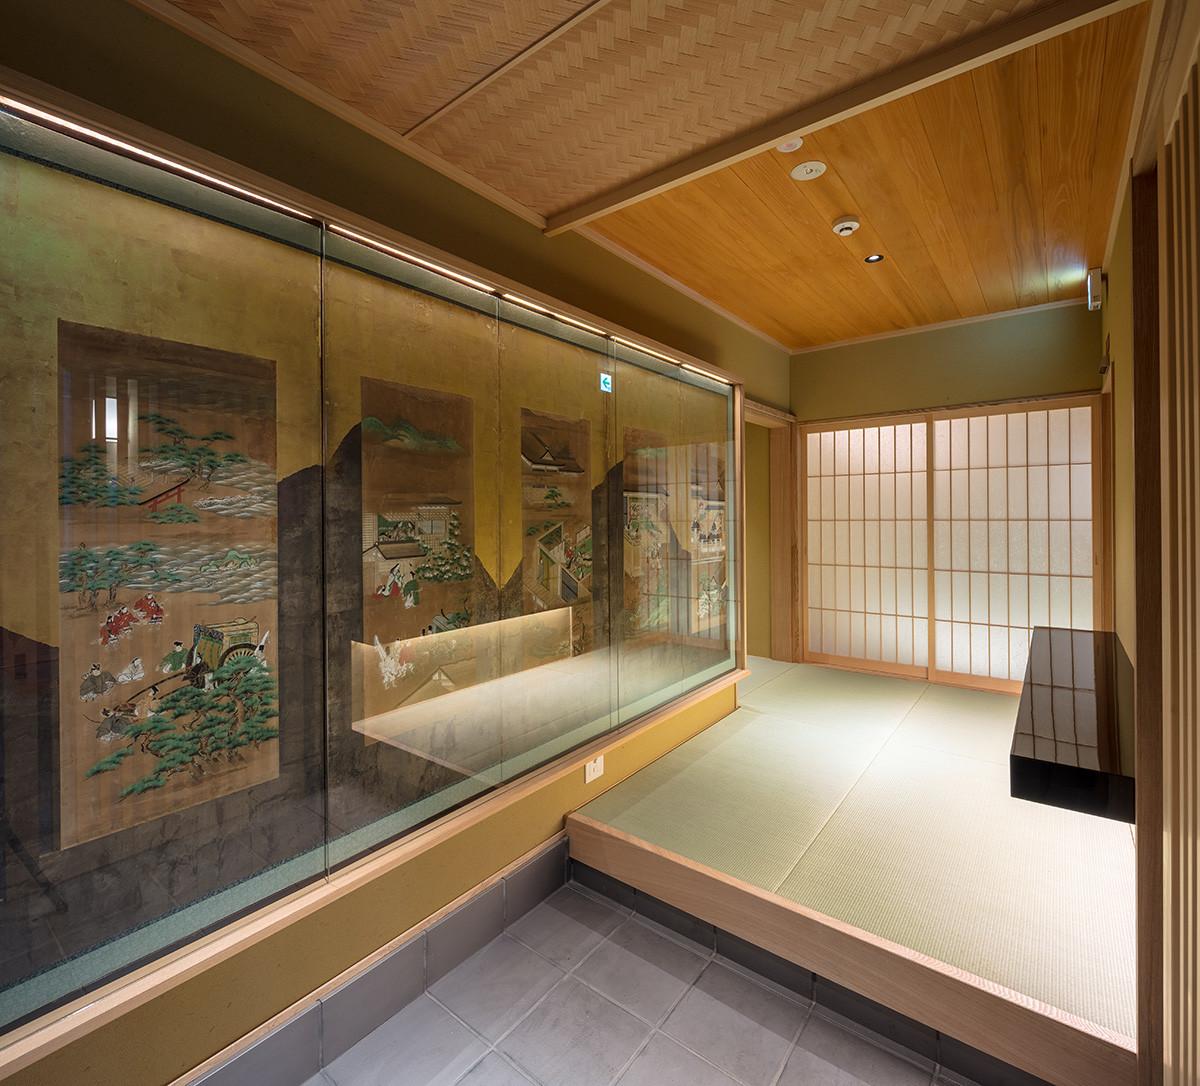 京都嵐山の温泉旅館(露天風呂付)の建築事例写真